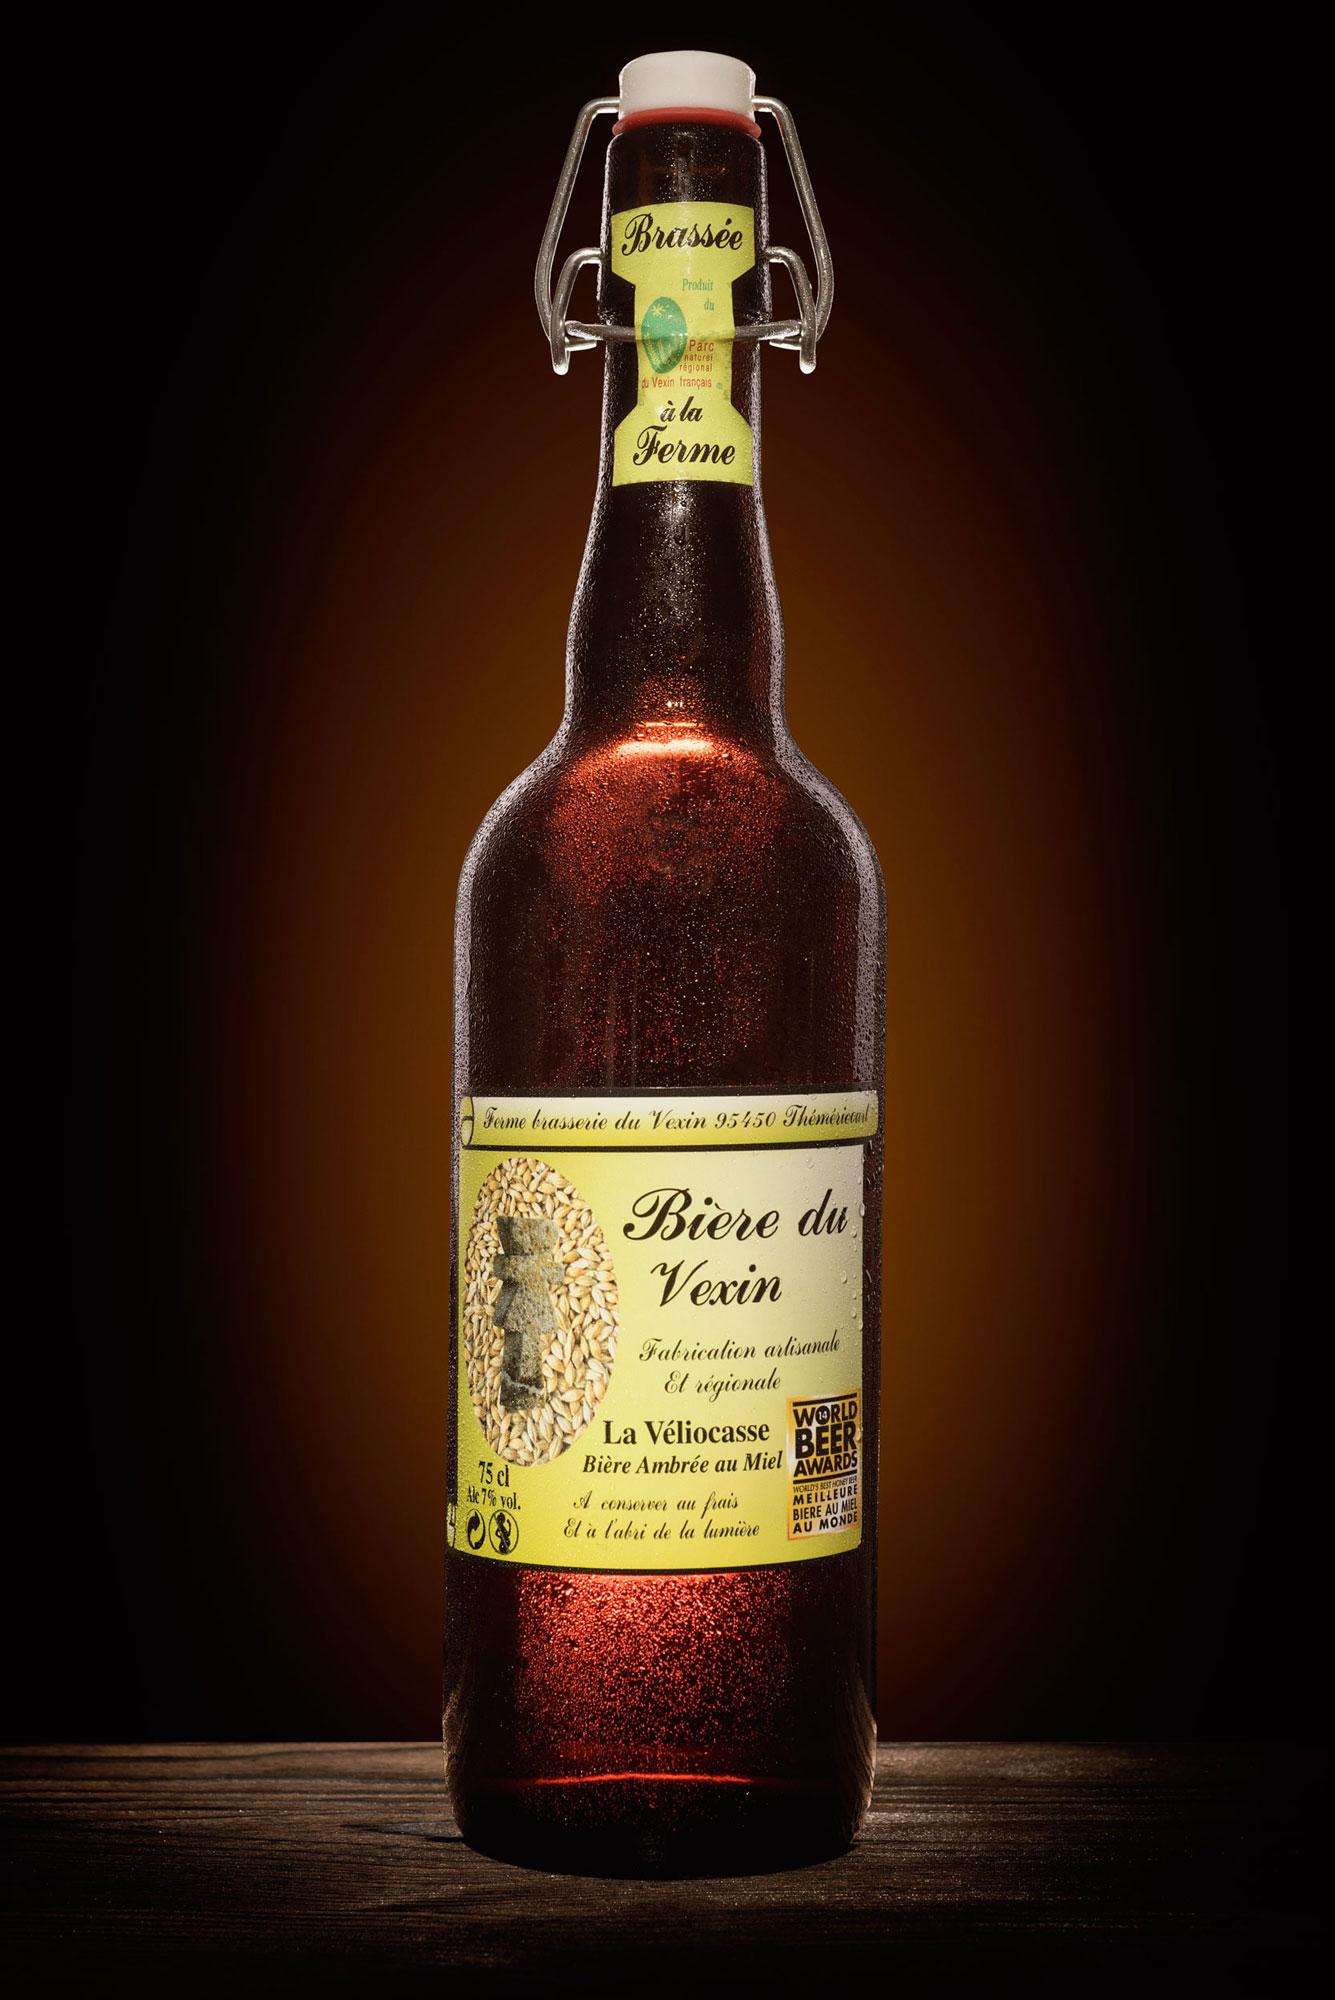 Photographie de la bouteille de Veliocasse de la Brasserie du Venin